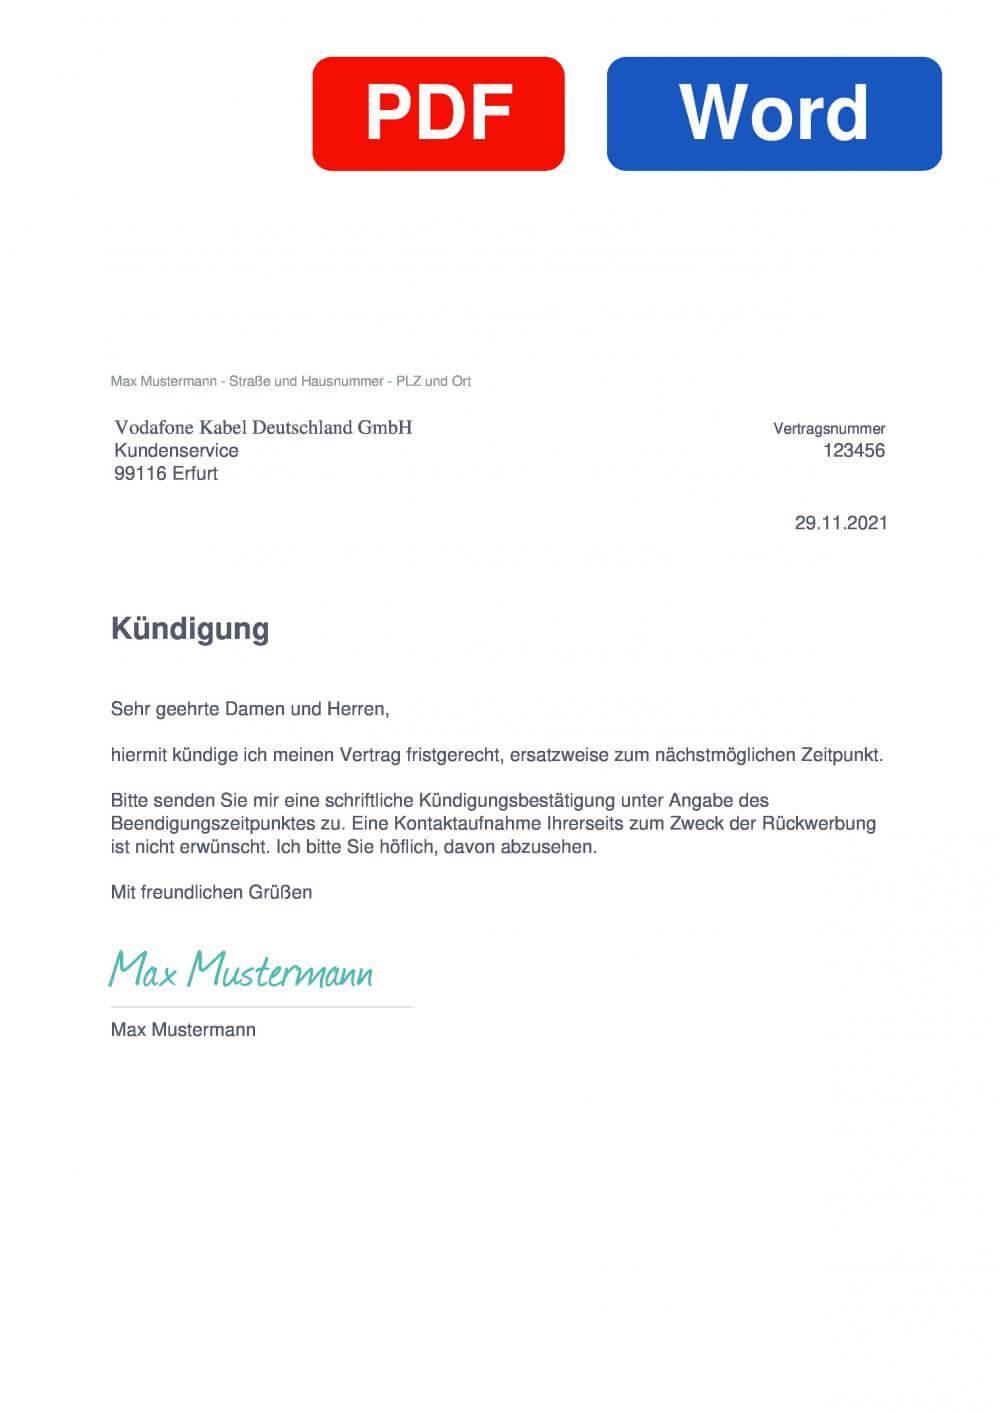 Vodafone LTE Muster Vorlage für Kündigungsschreiben